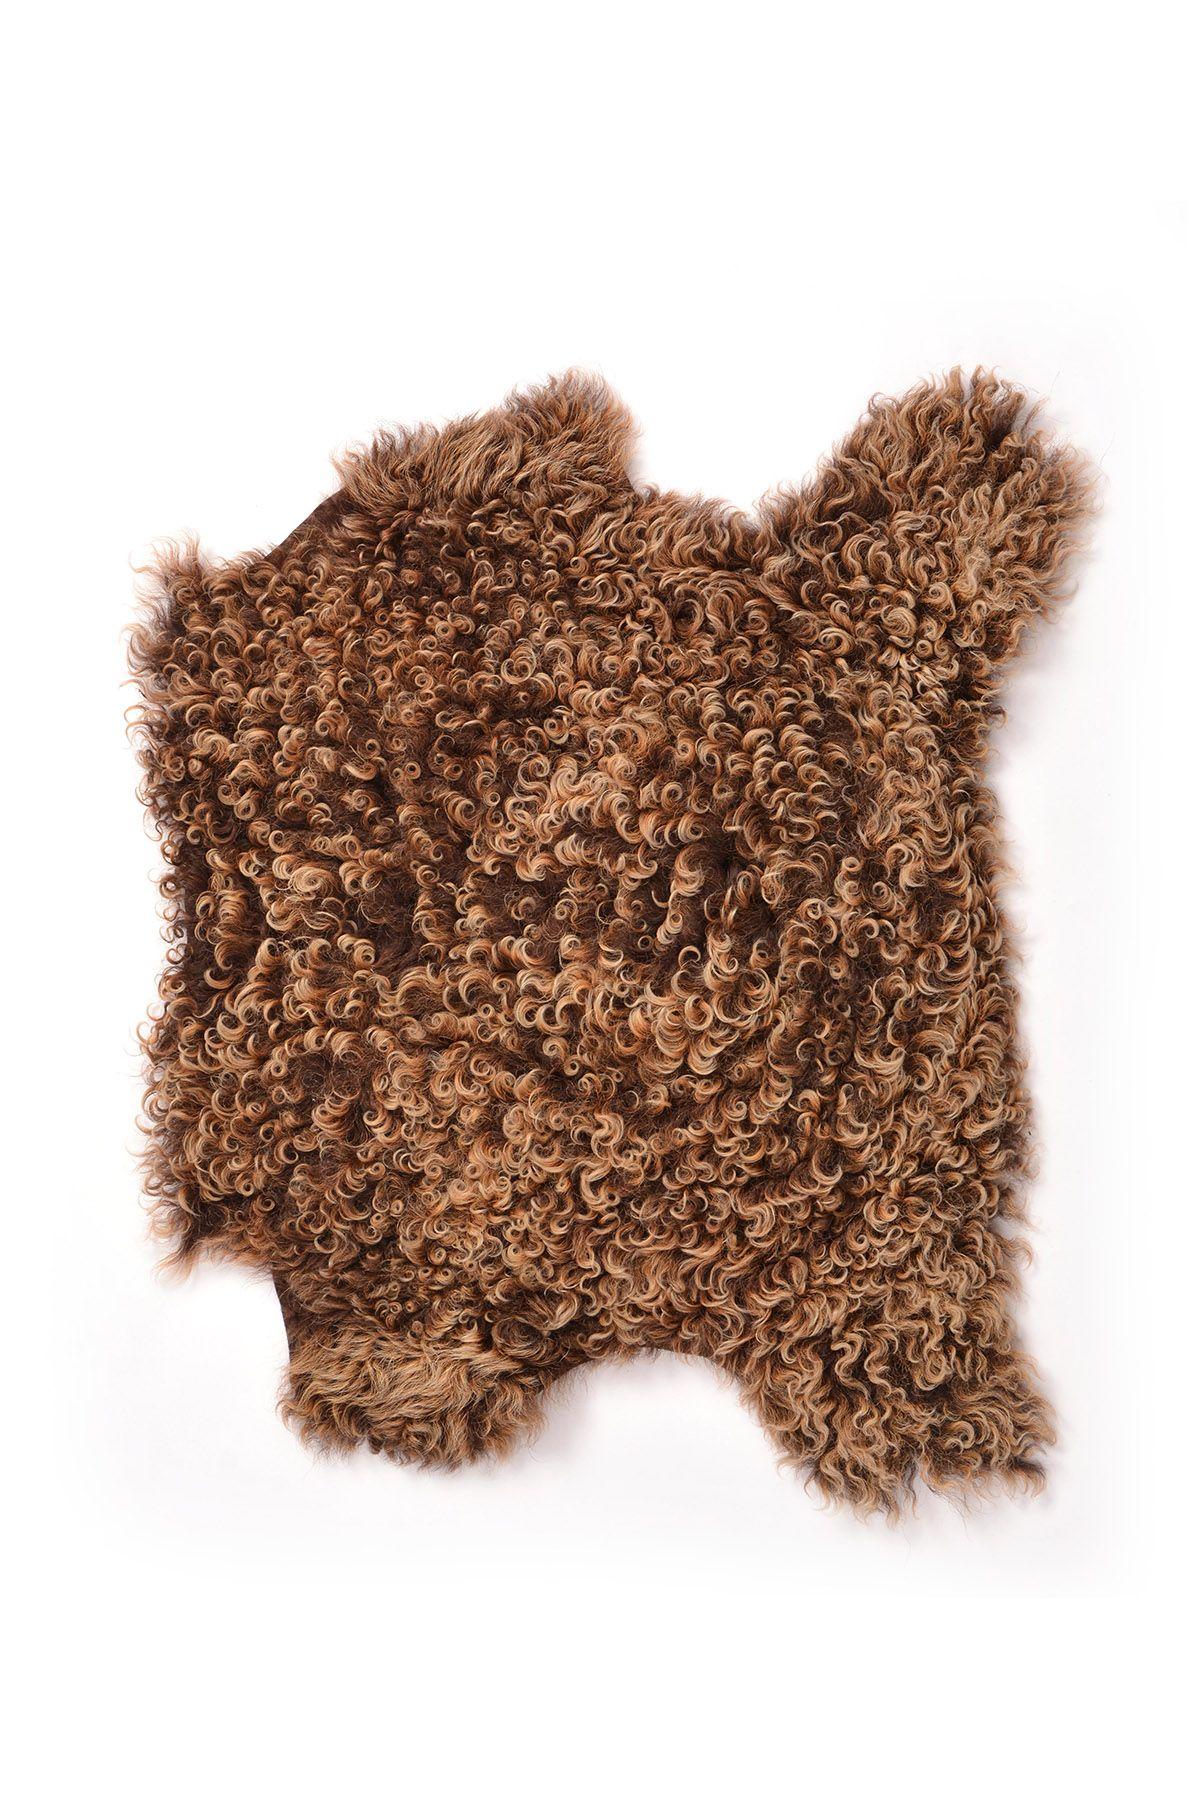 Erdogan Deri Curly Decorative Sheepskin Rug Brown